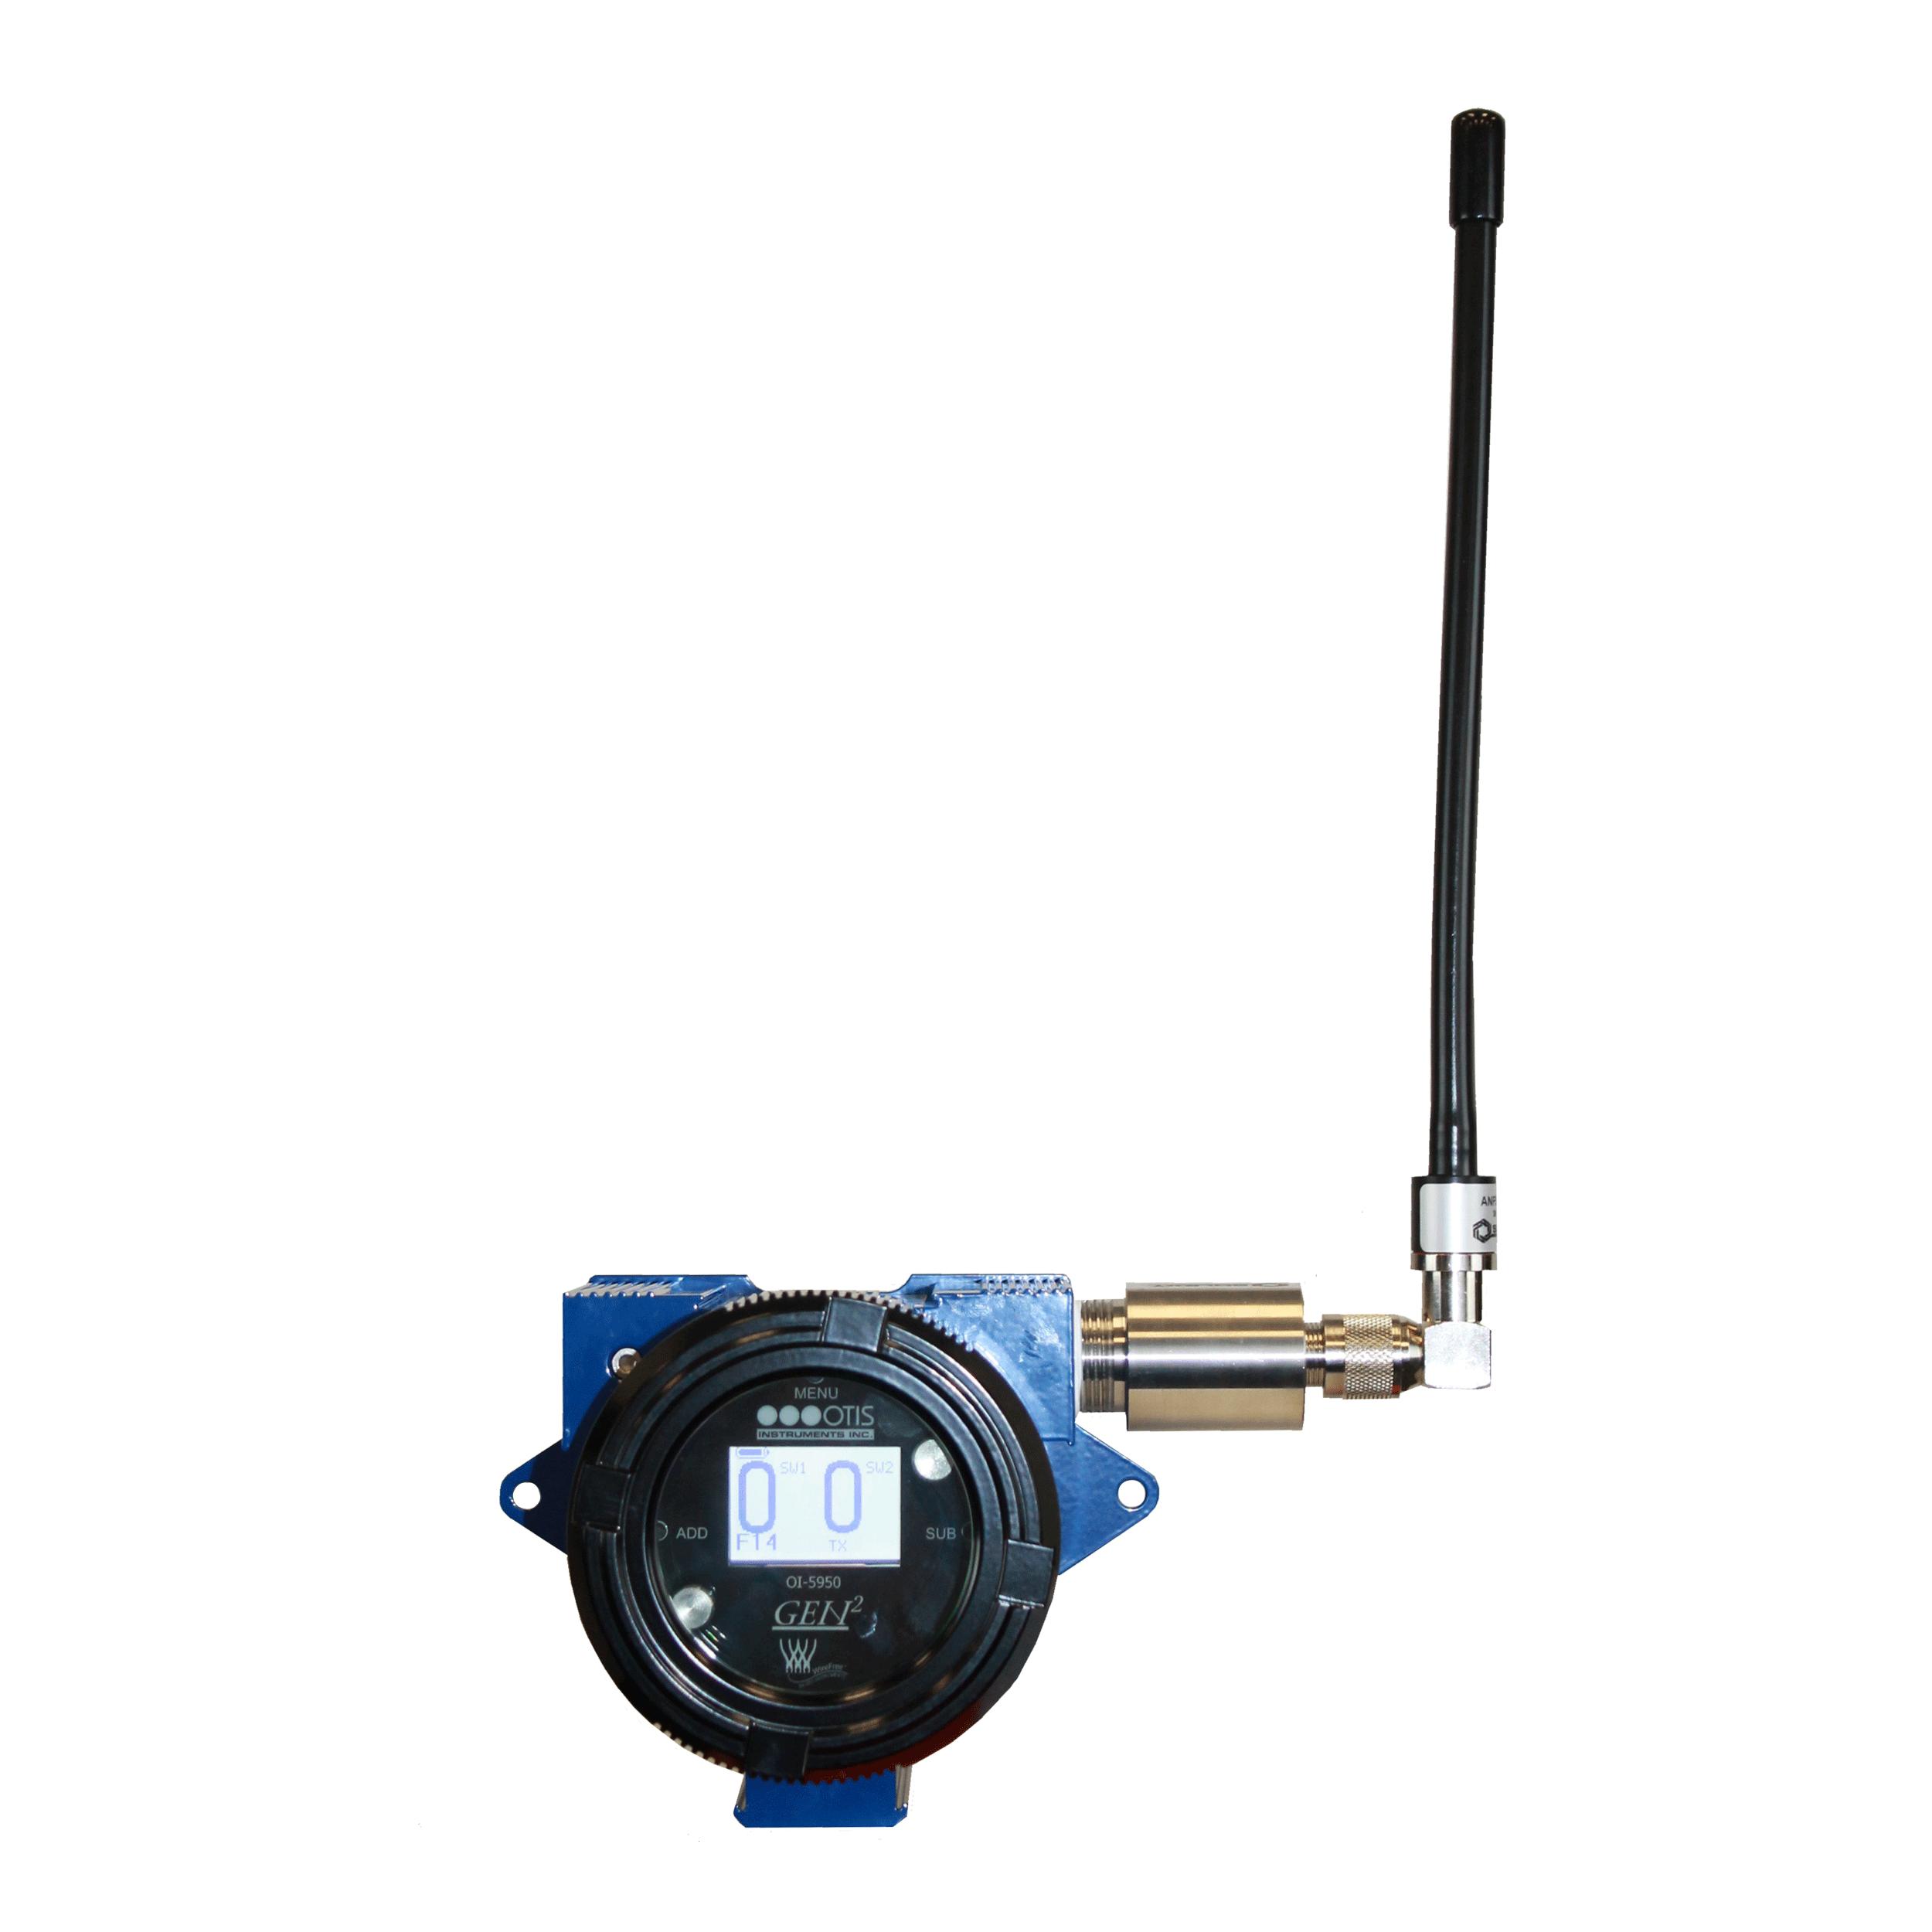 OI-5950-Otis-Instruments-2